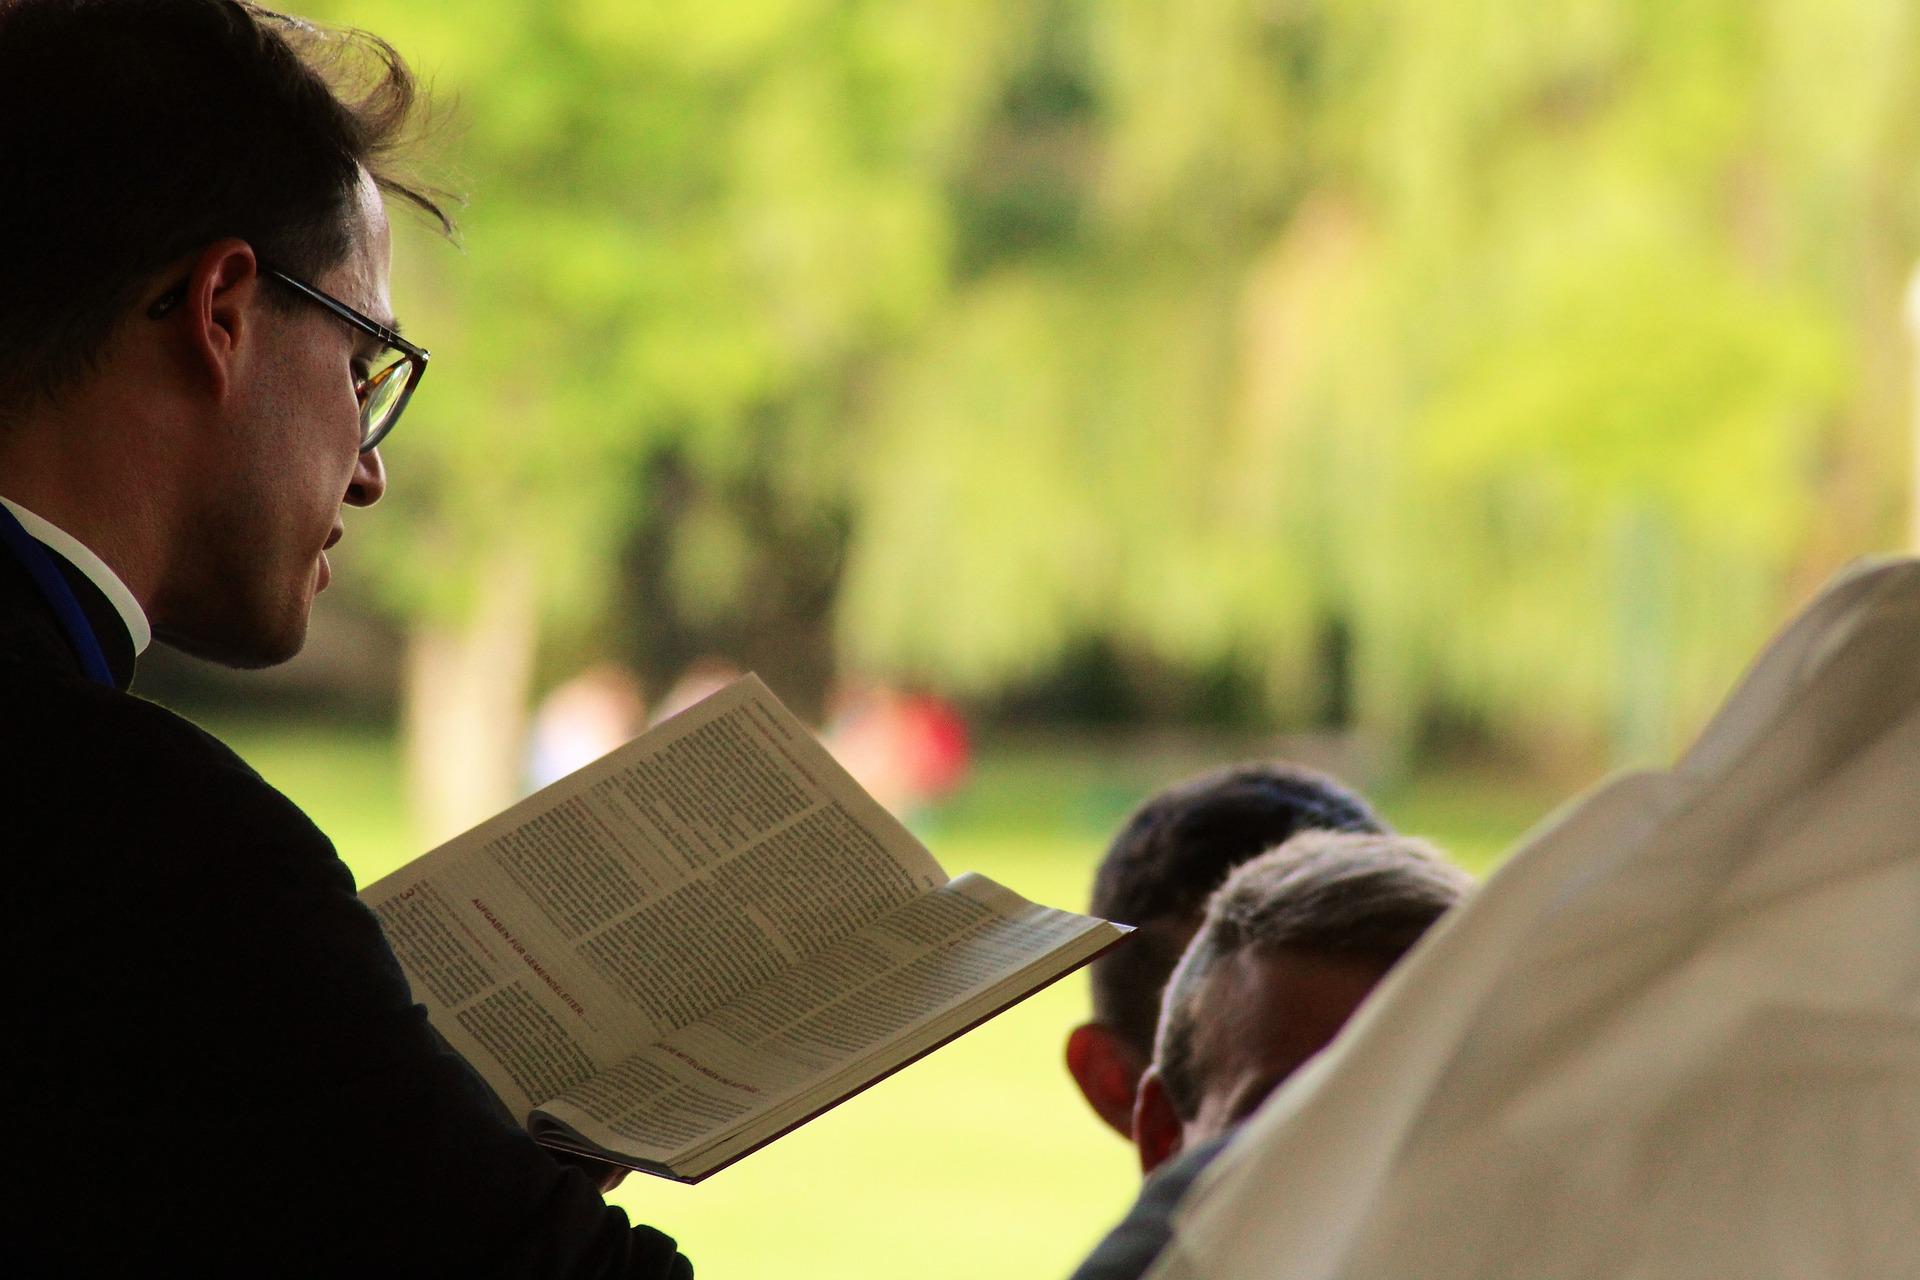 U Vatykani stvoryly mobiľnyj dodatok dlja duhovenstva